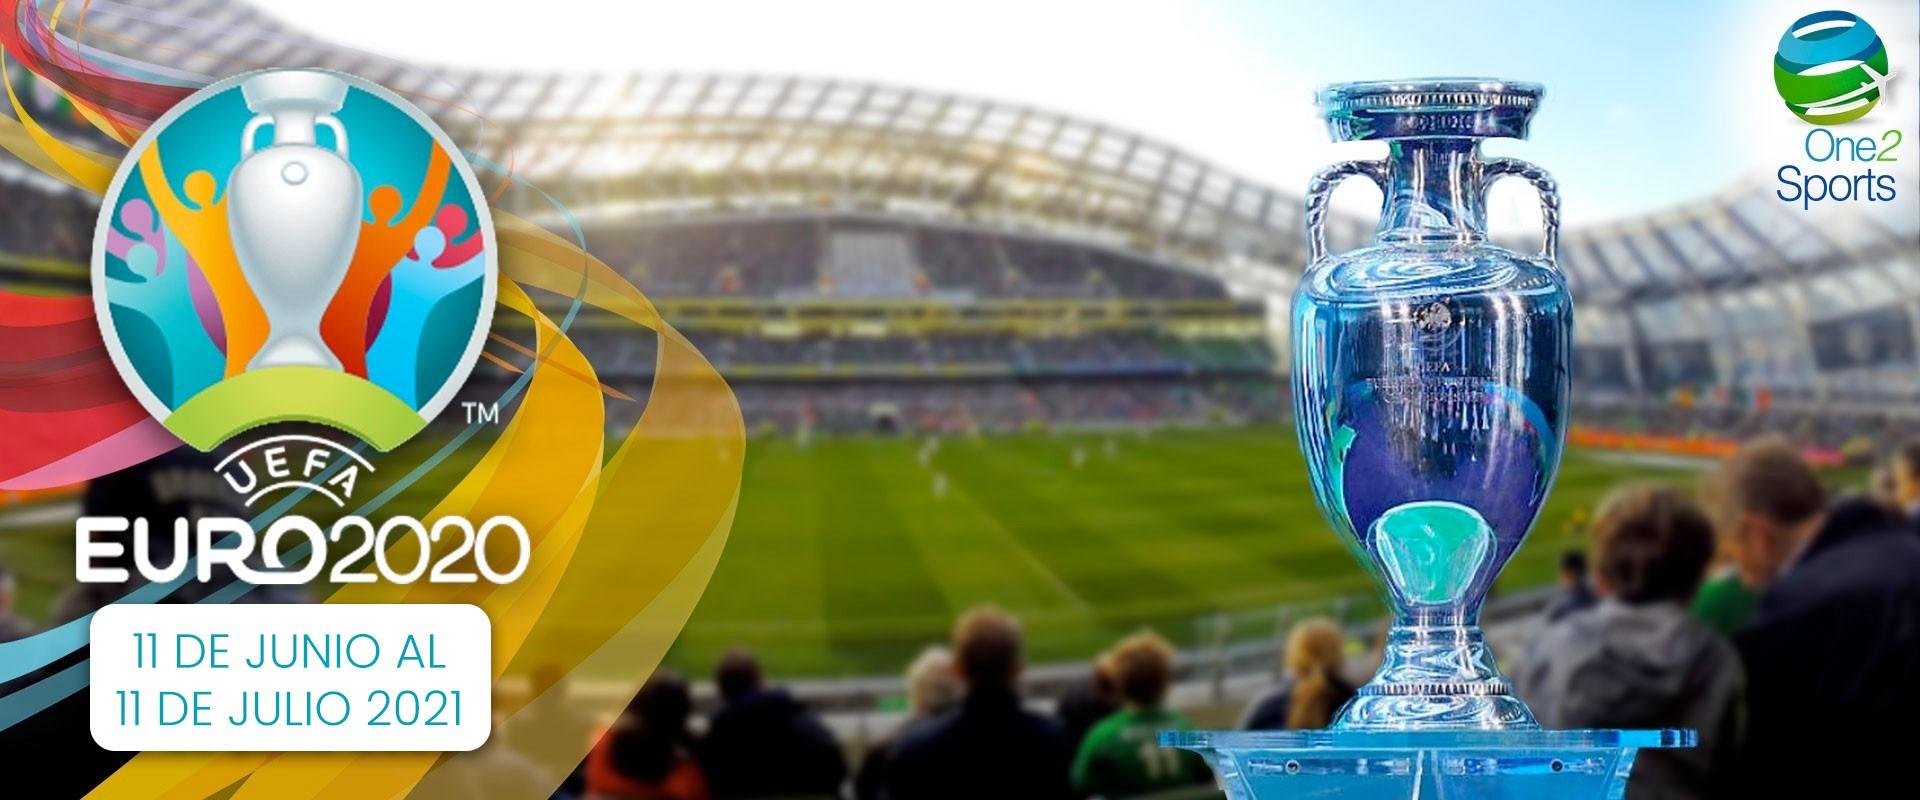 Eurocopa en Bilbao